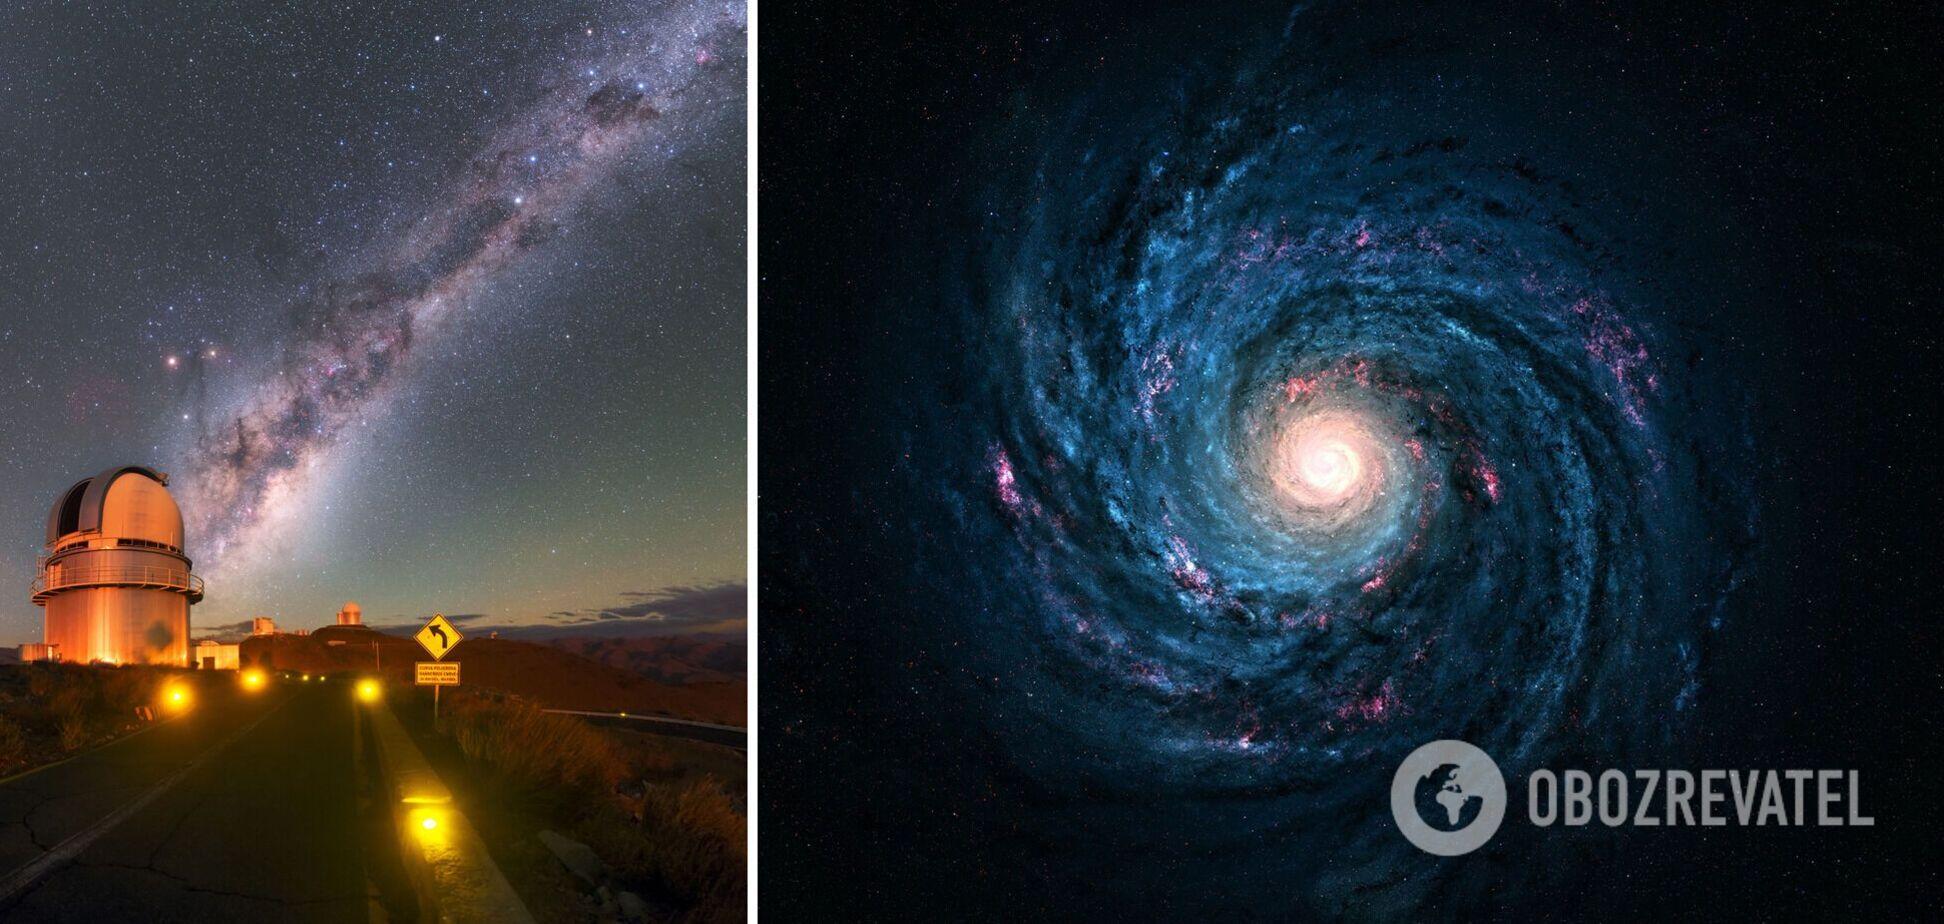 Ученые смоделировали все этапы эволюции Млечного Пути на протяжении 13,8 млрд лет